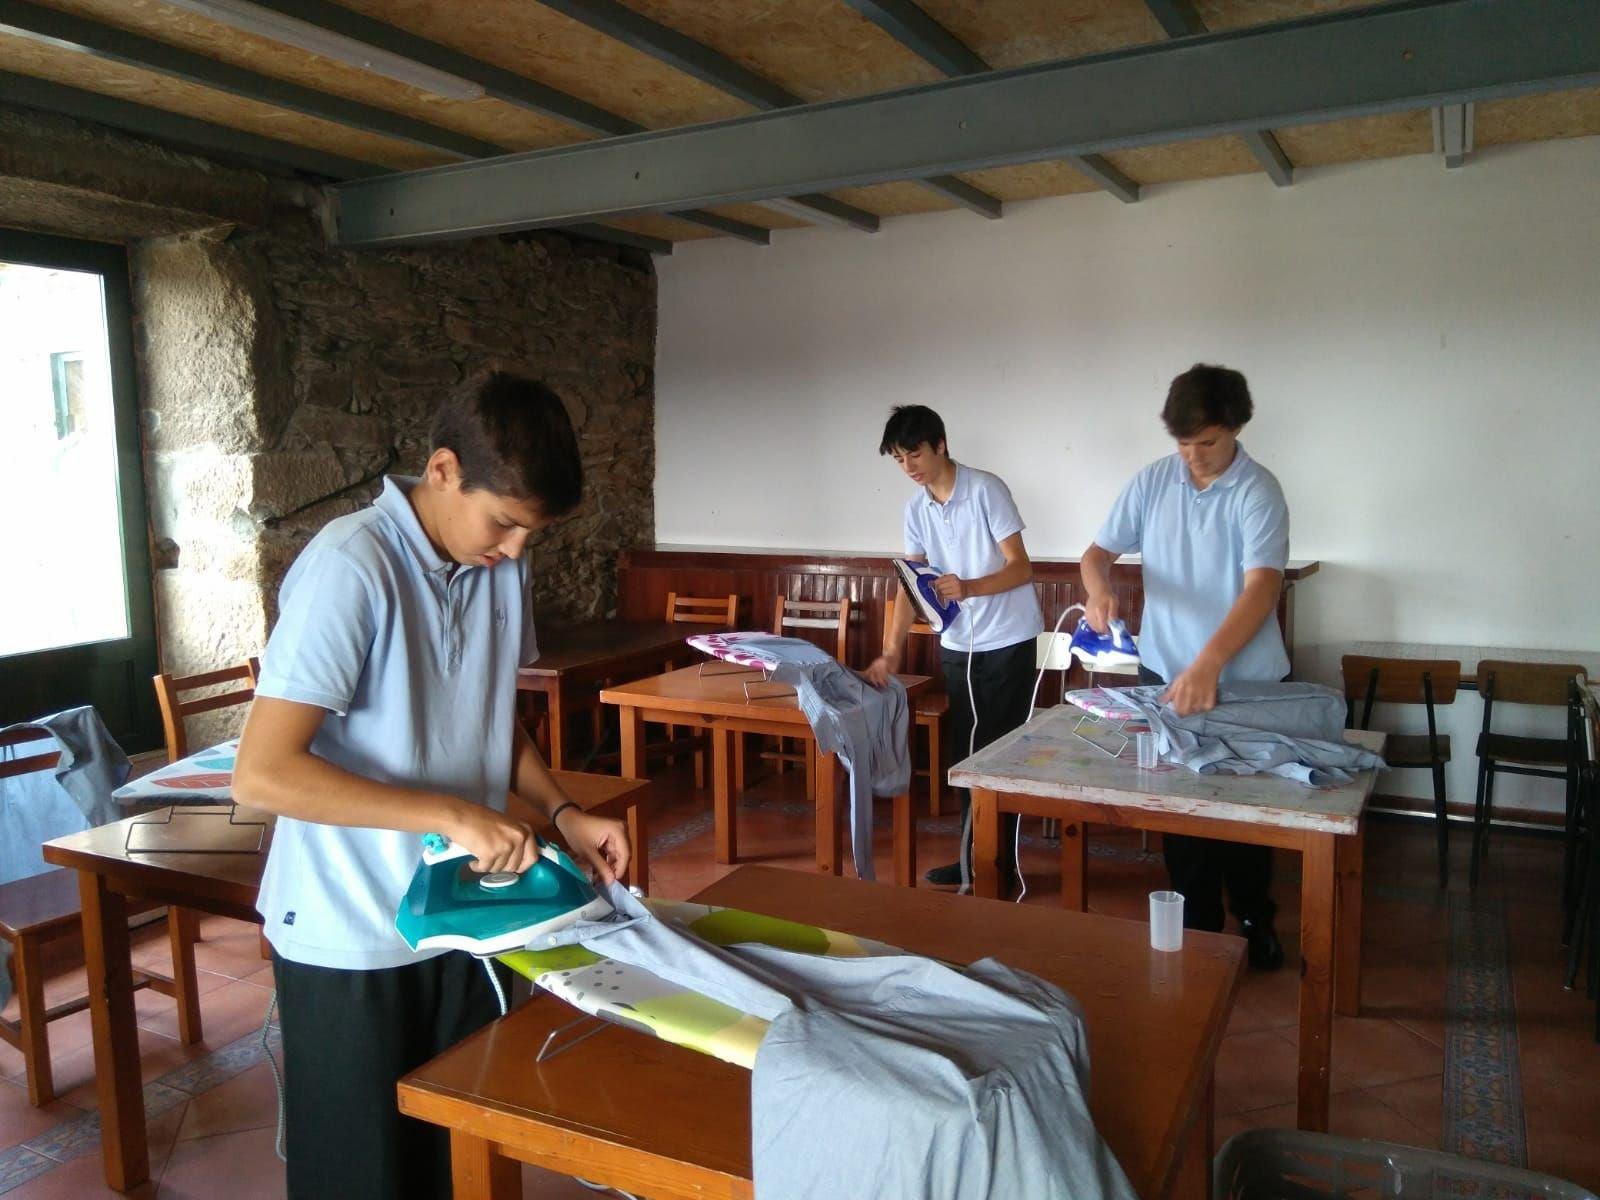 Los alumnos están aprendiendo a planchar en grupos de cinco.